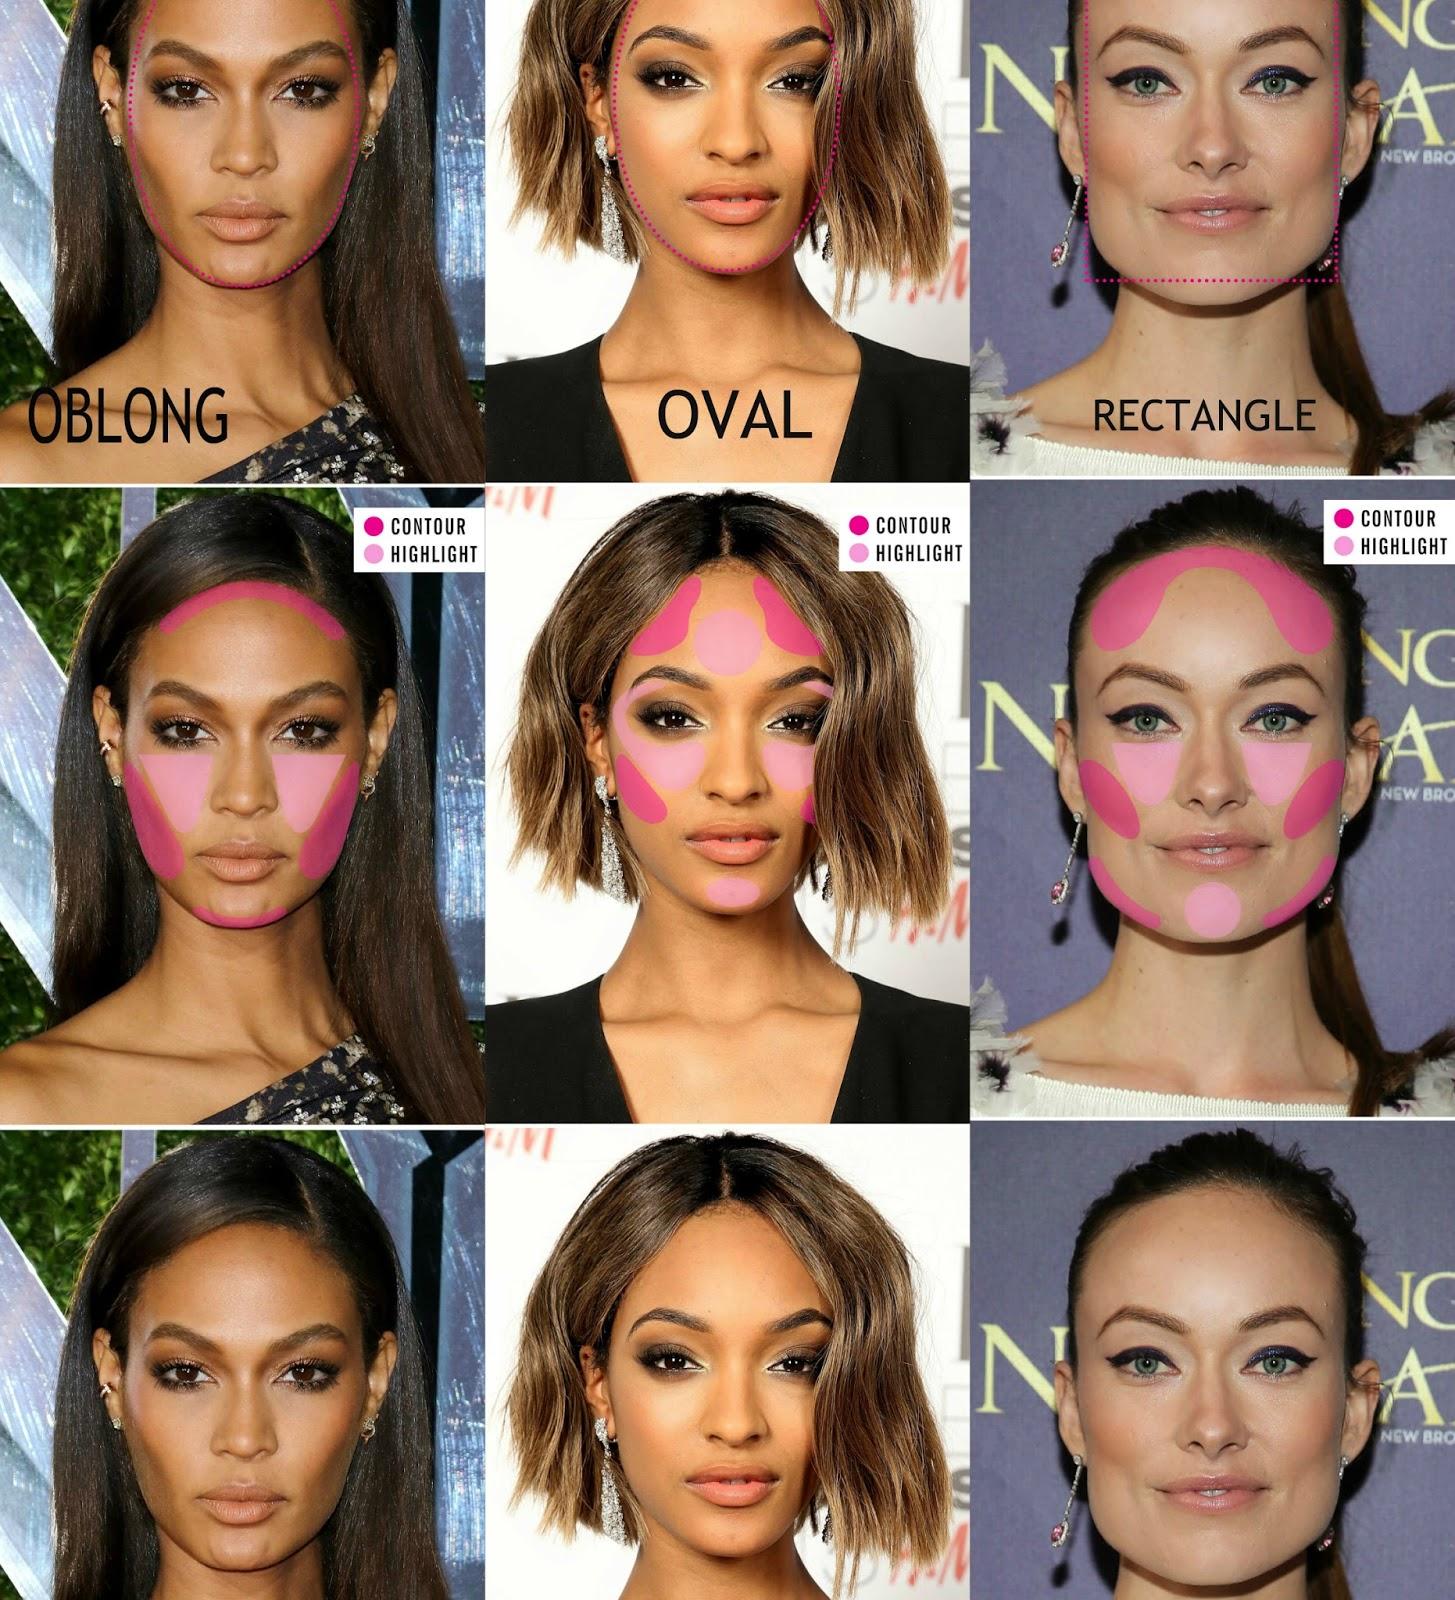 Body contouring makeup